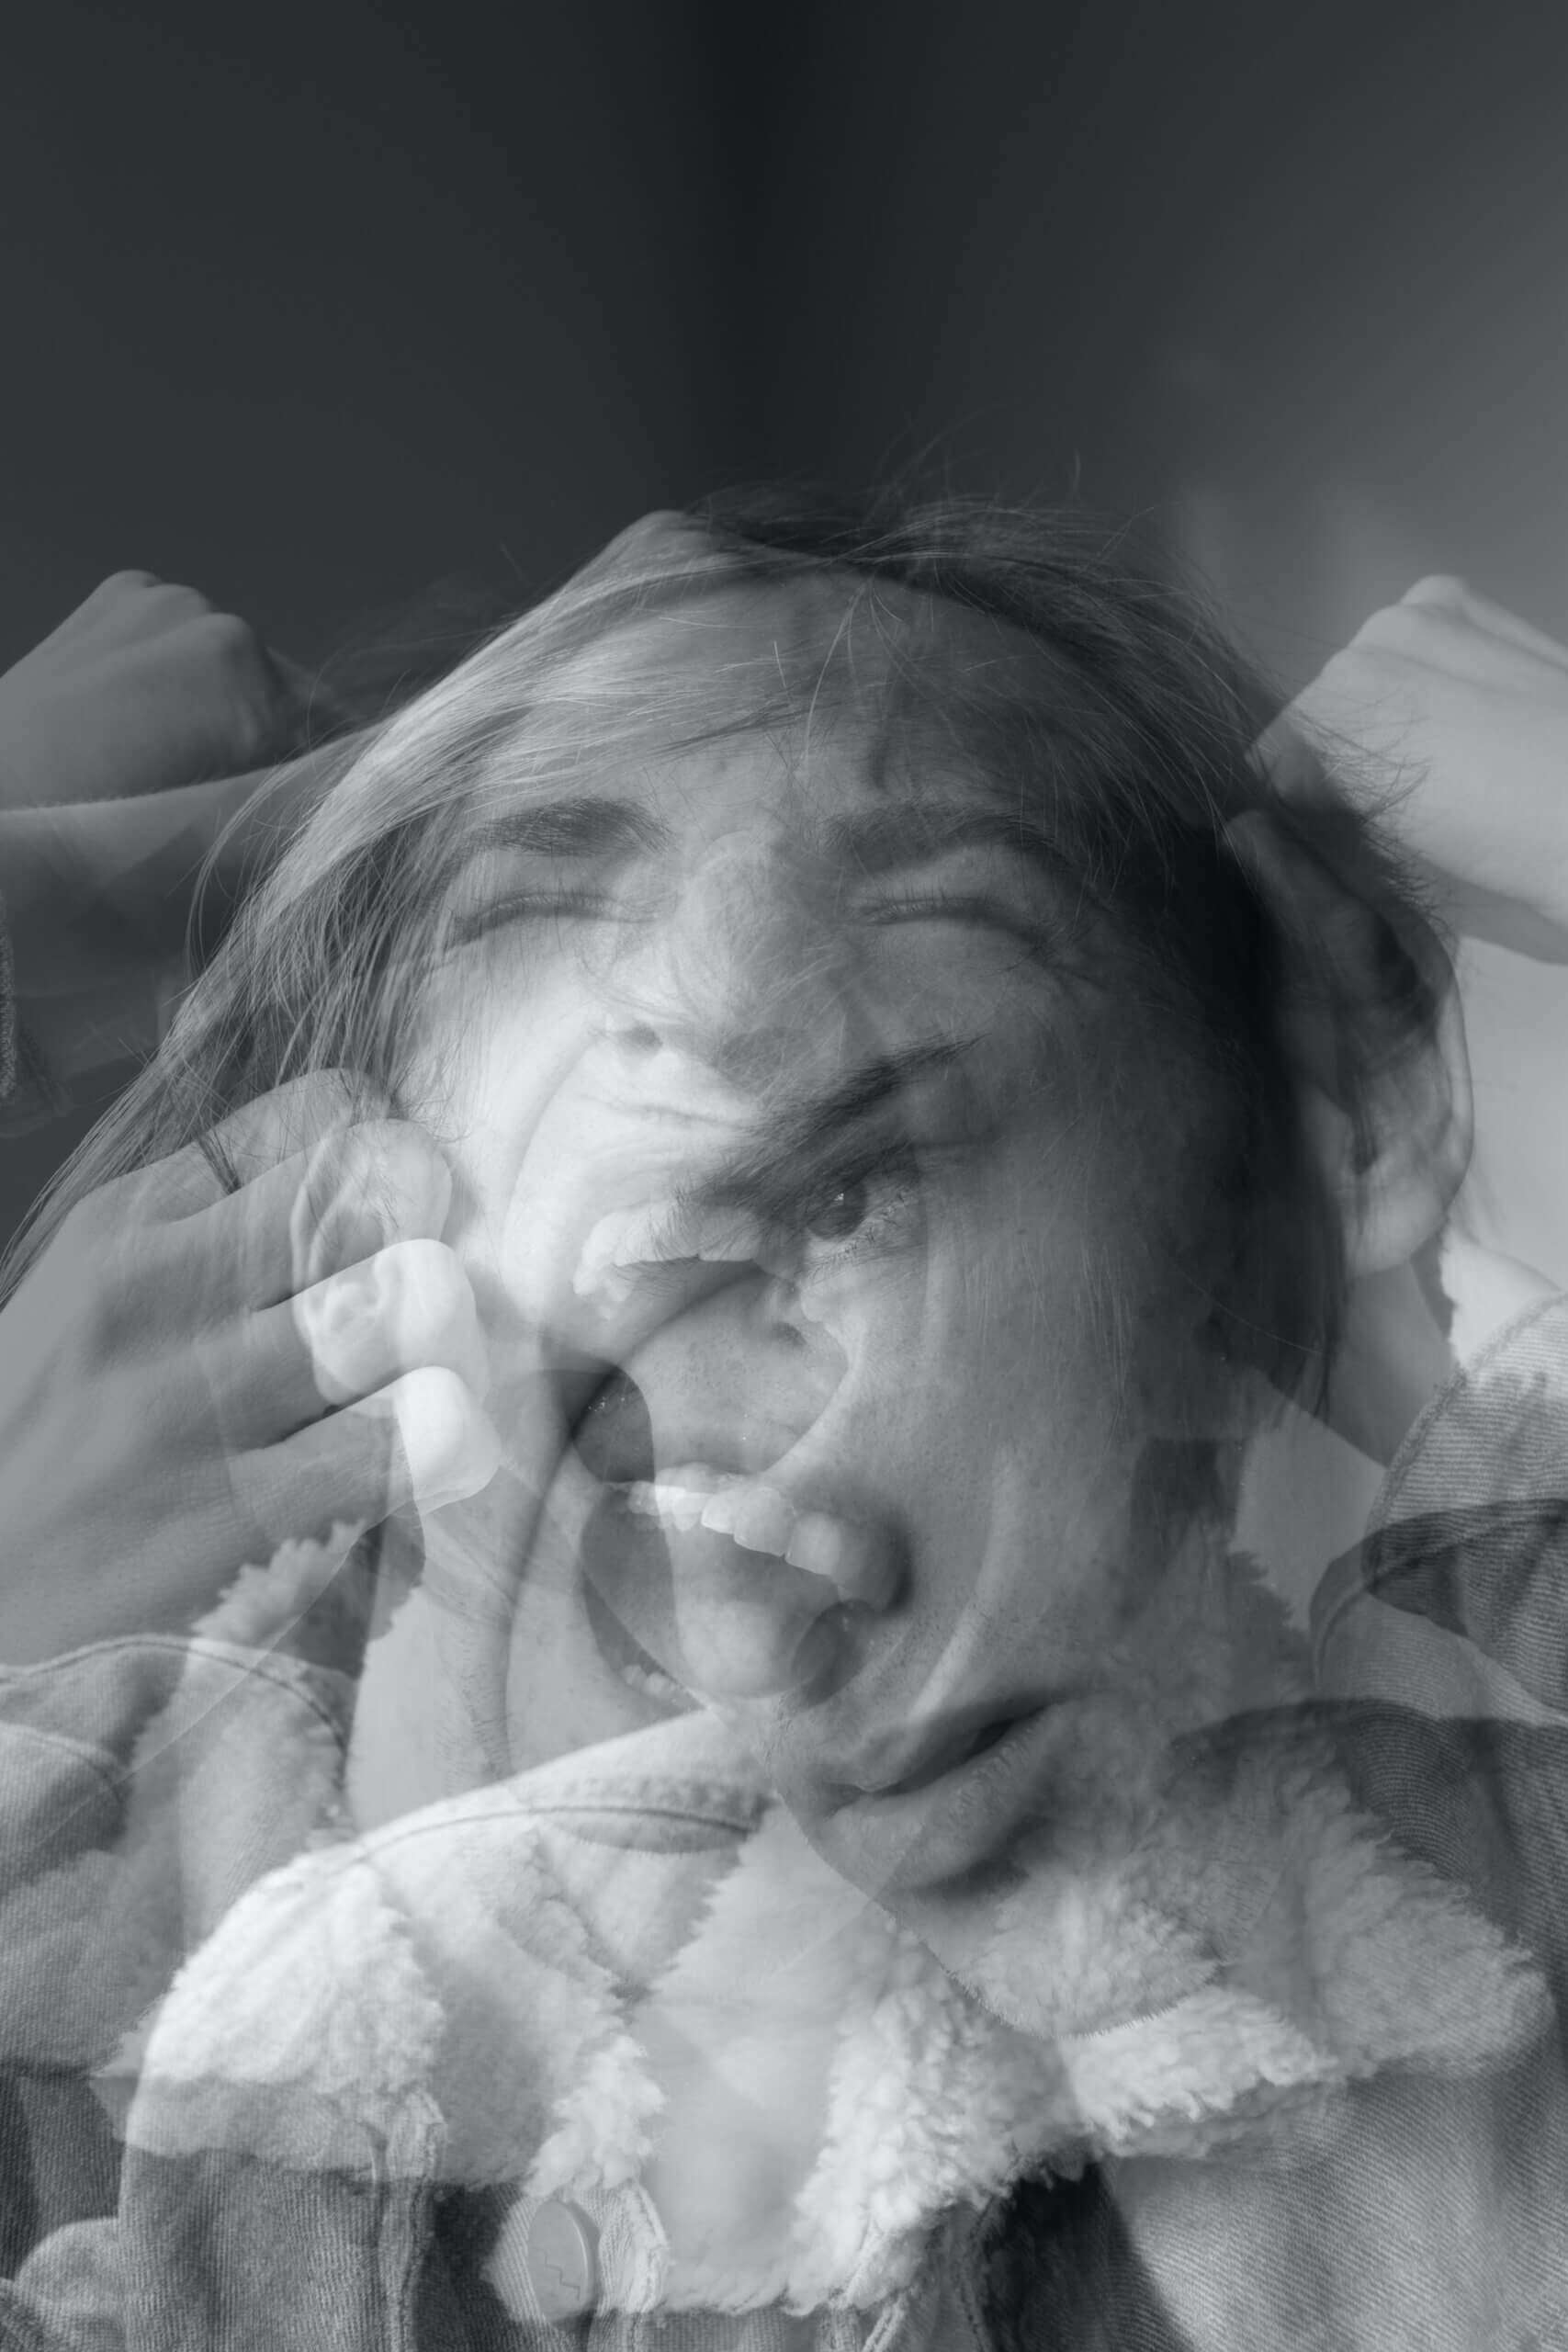 https://personapraktijk.nl/psychisch-1-2/angst-en-paniek-behandeling/angstige vrouw